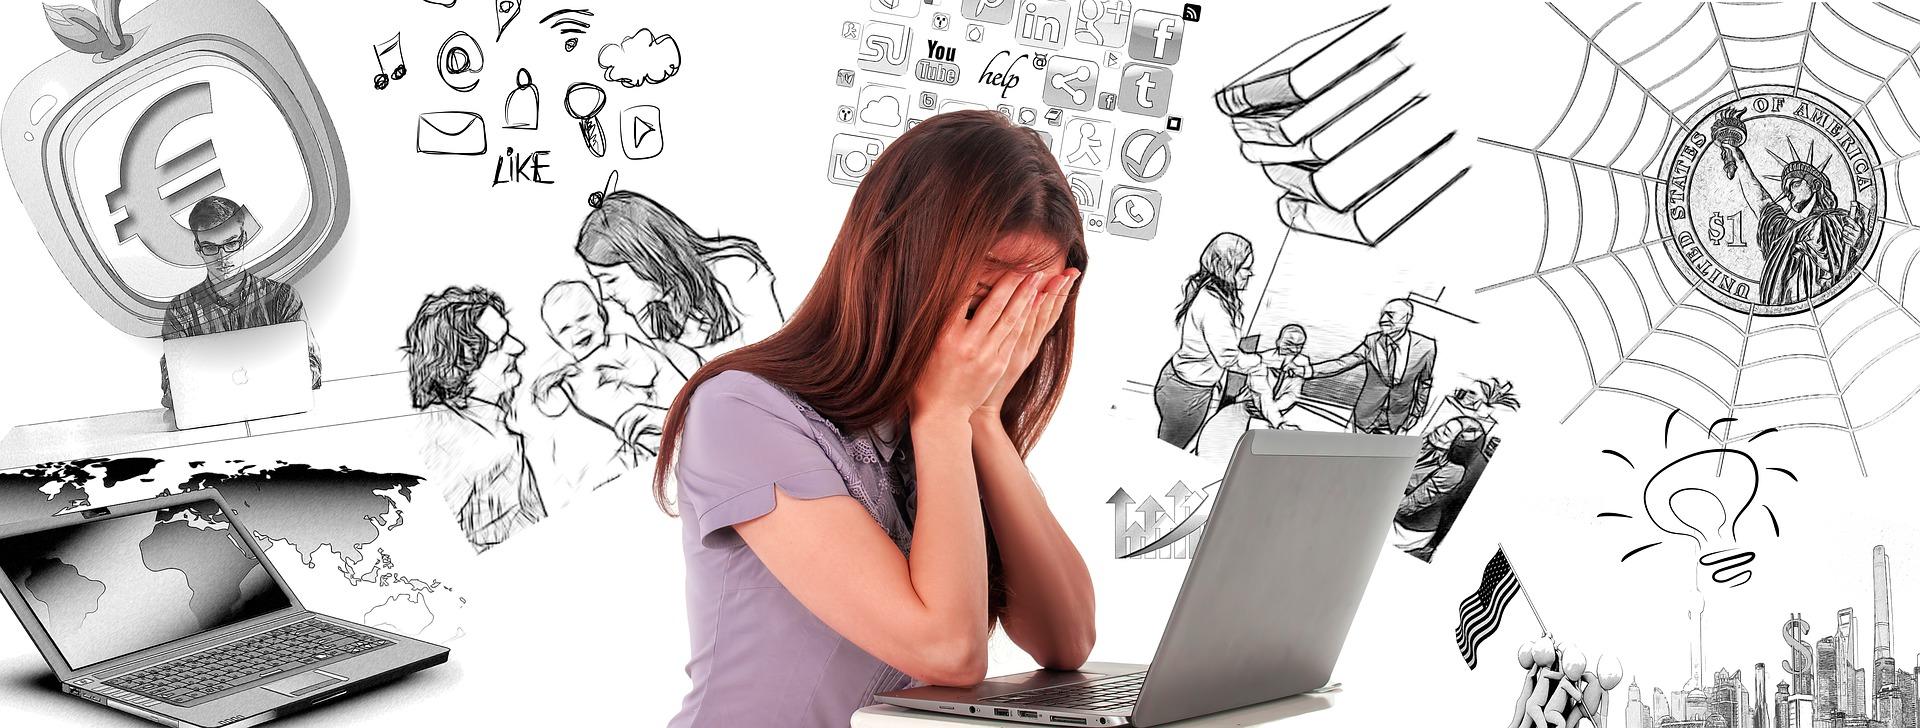 197come scegliere uno psicologo sul web